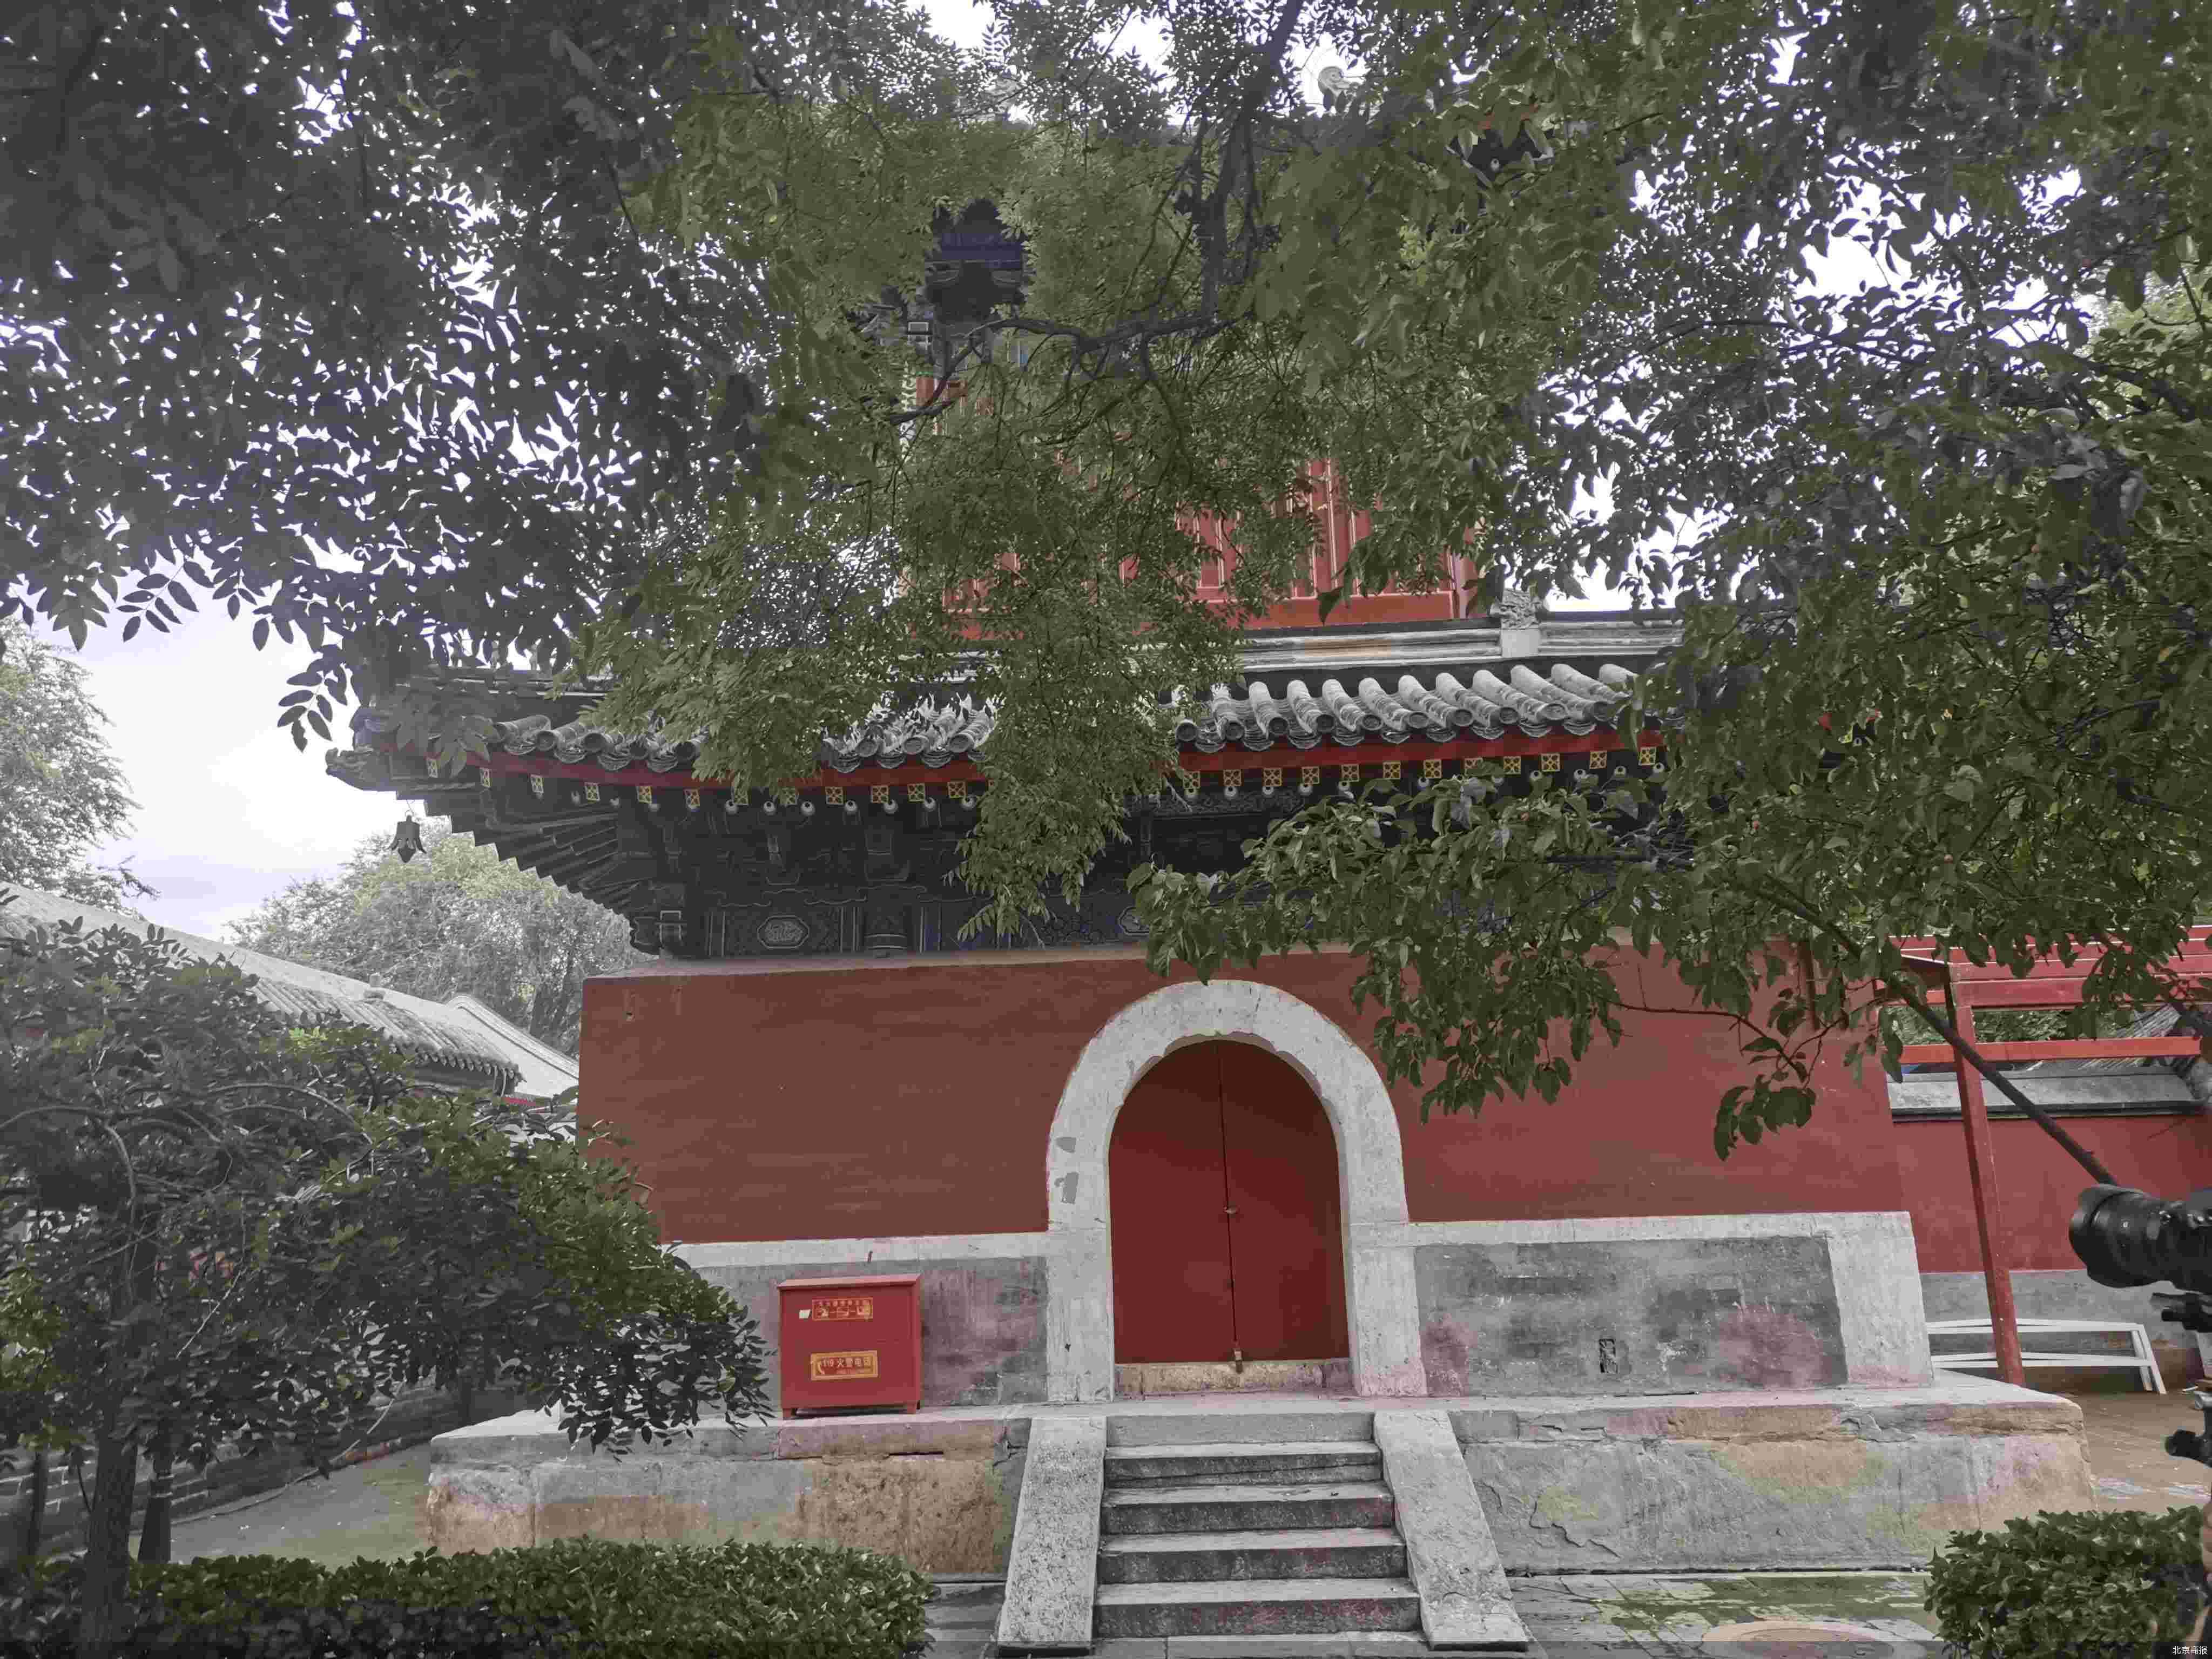 万寿寺完成部分修缮工作 最大限度保留原构件